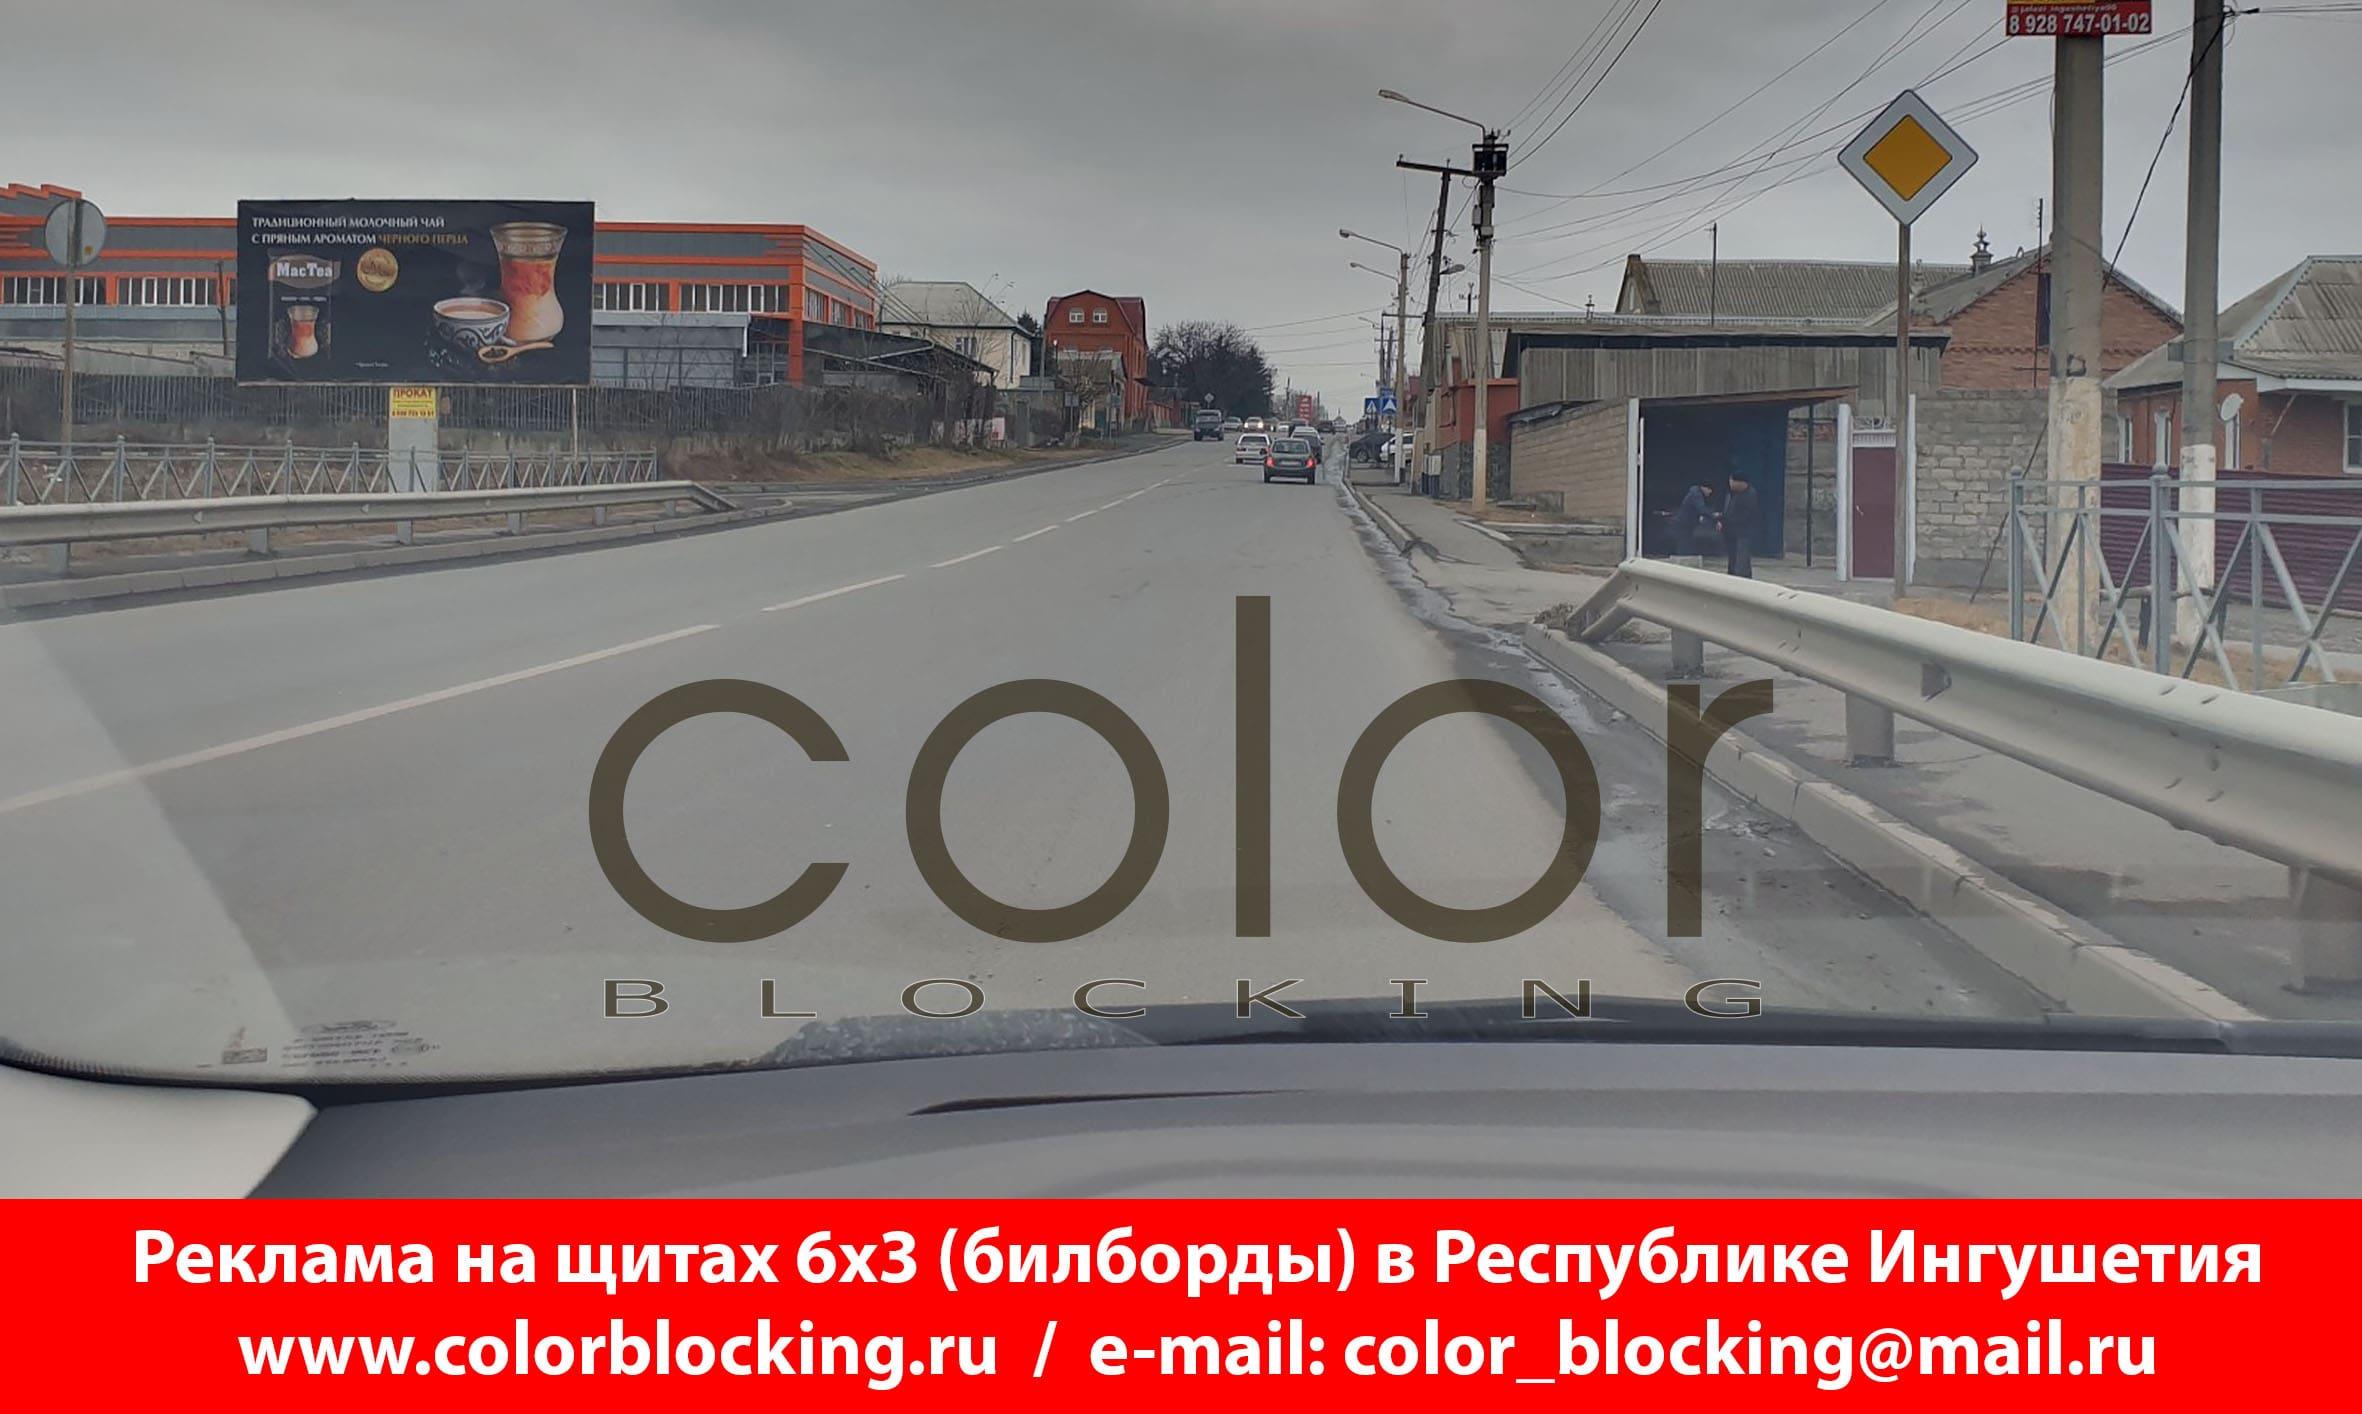 Реклама в Ингушетии на щитах 6х3 Асият Тутаева